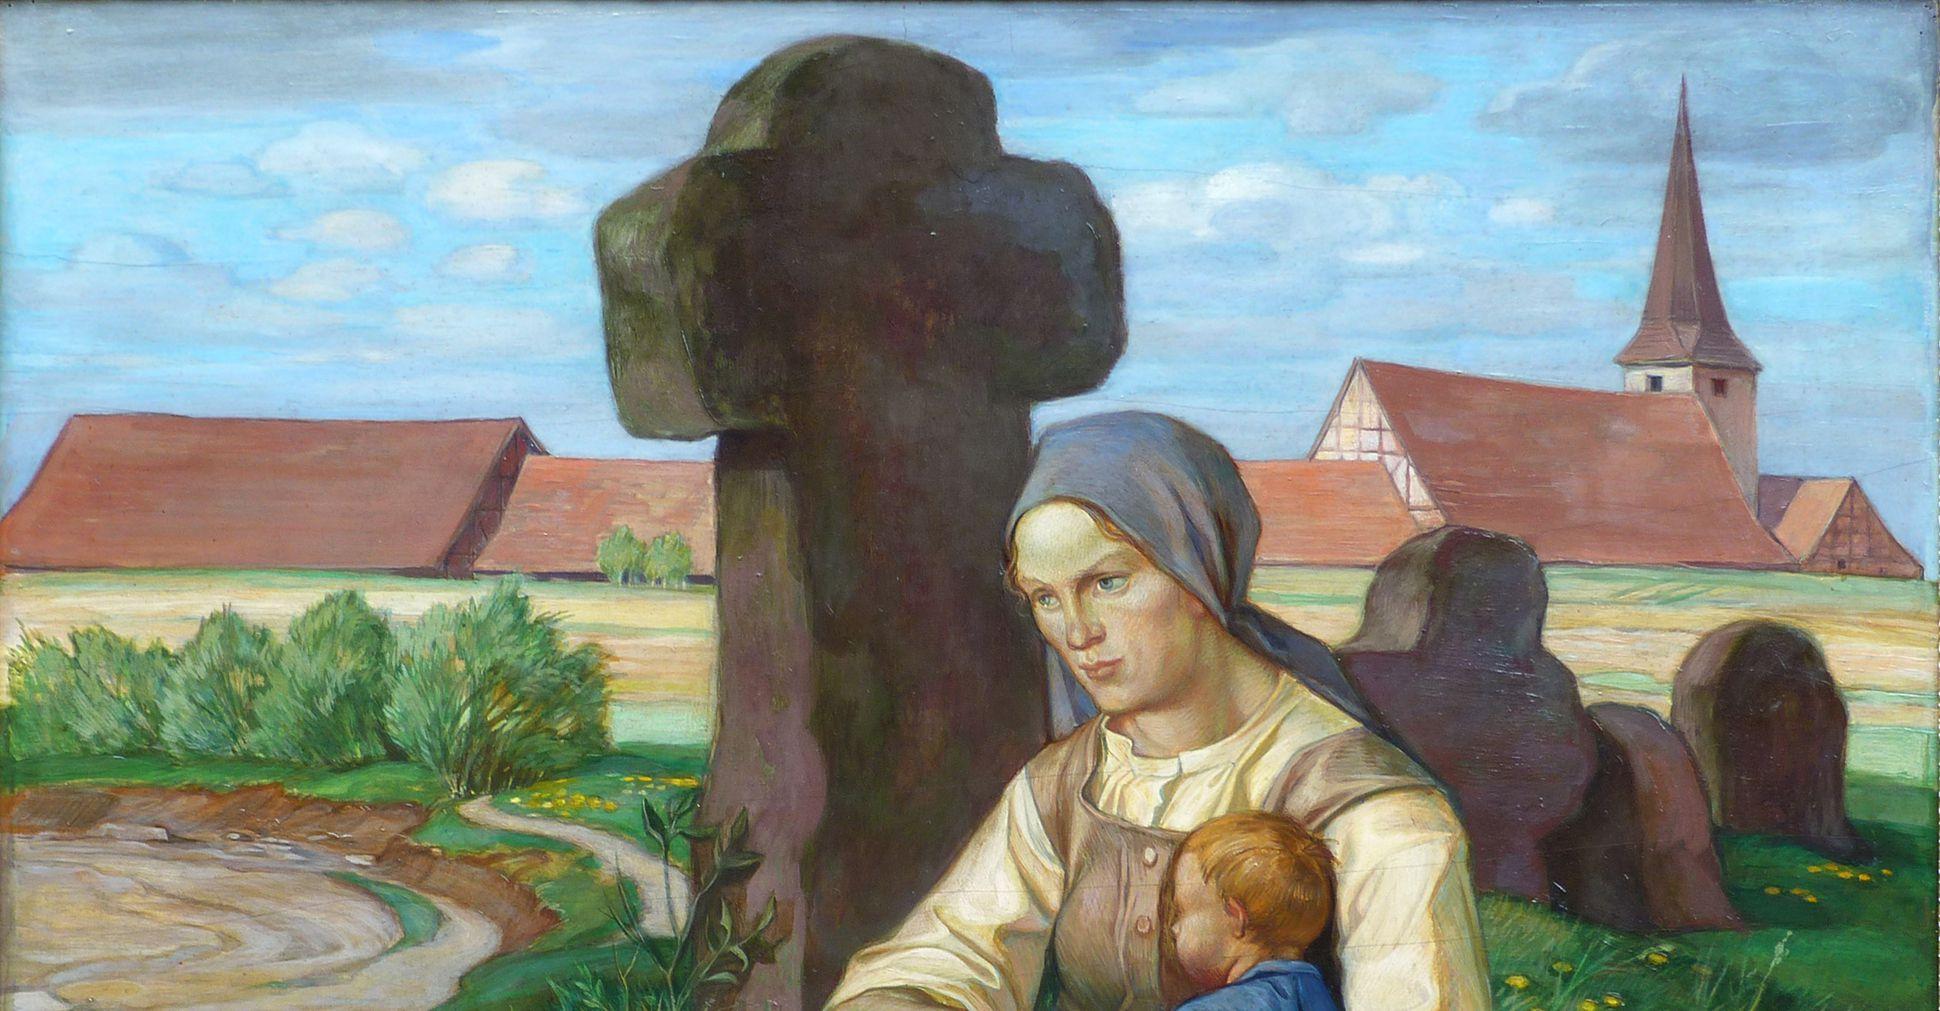 Frau am Steinkreuz obere Bildhälfte